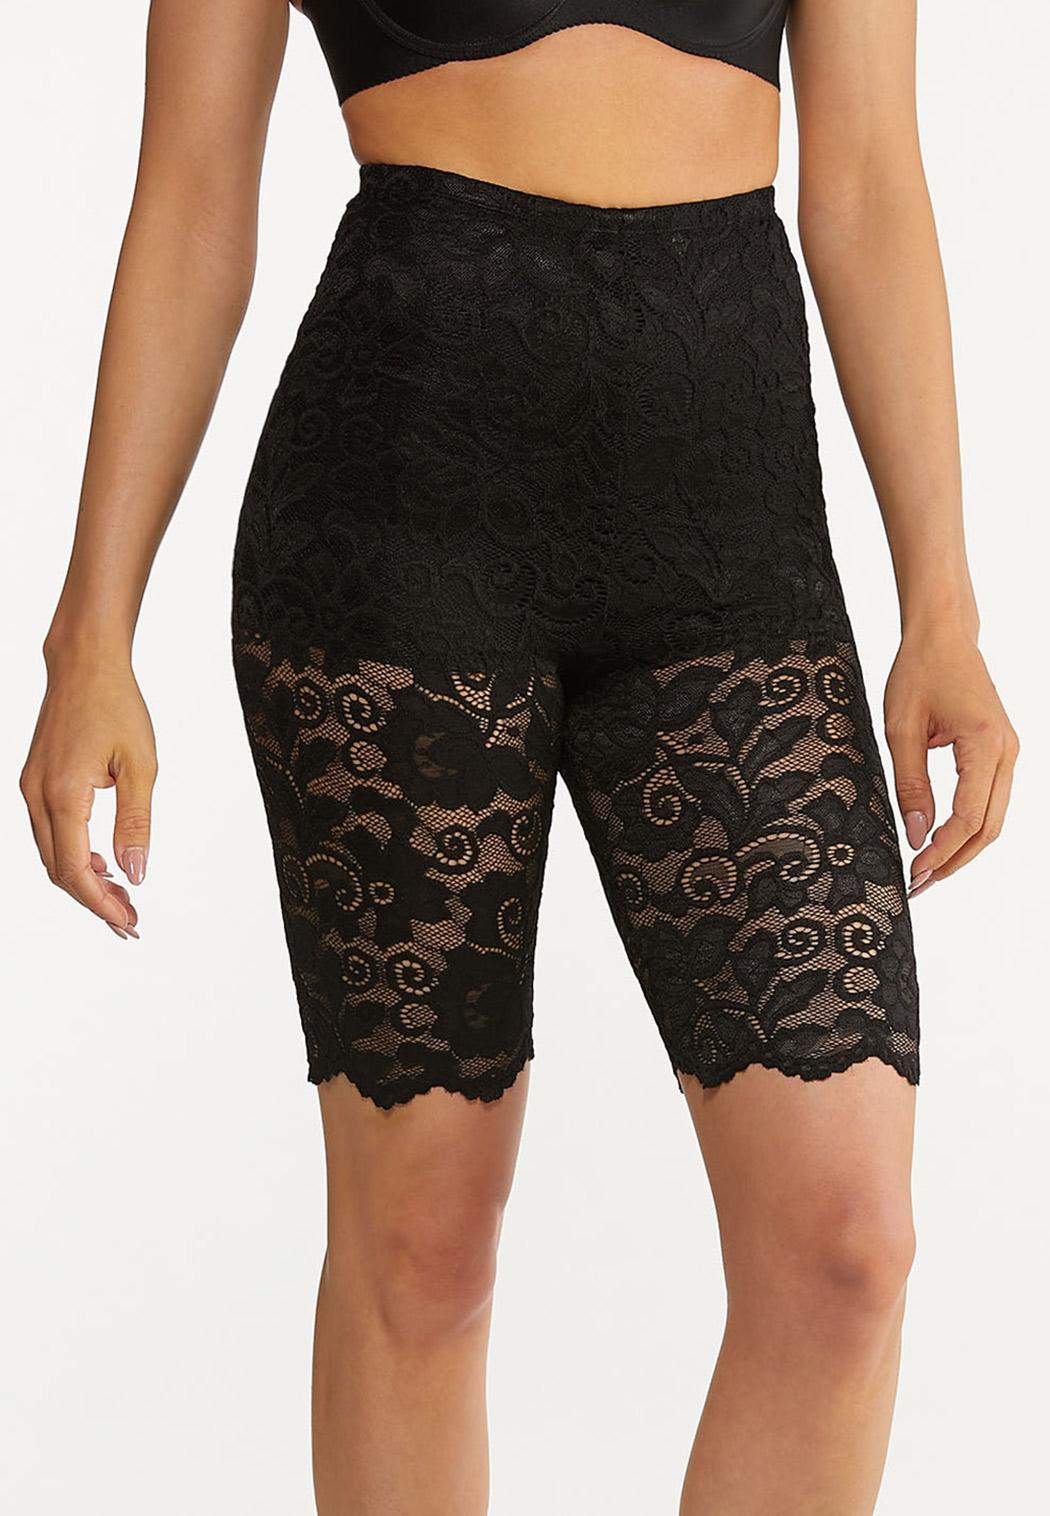 Lace Shapewear Shorts